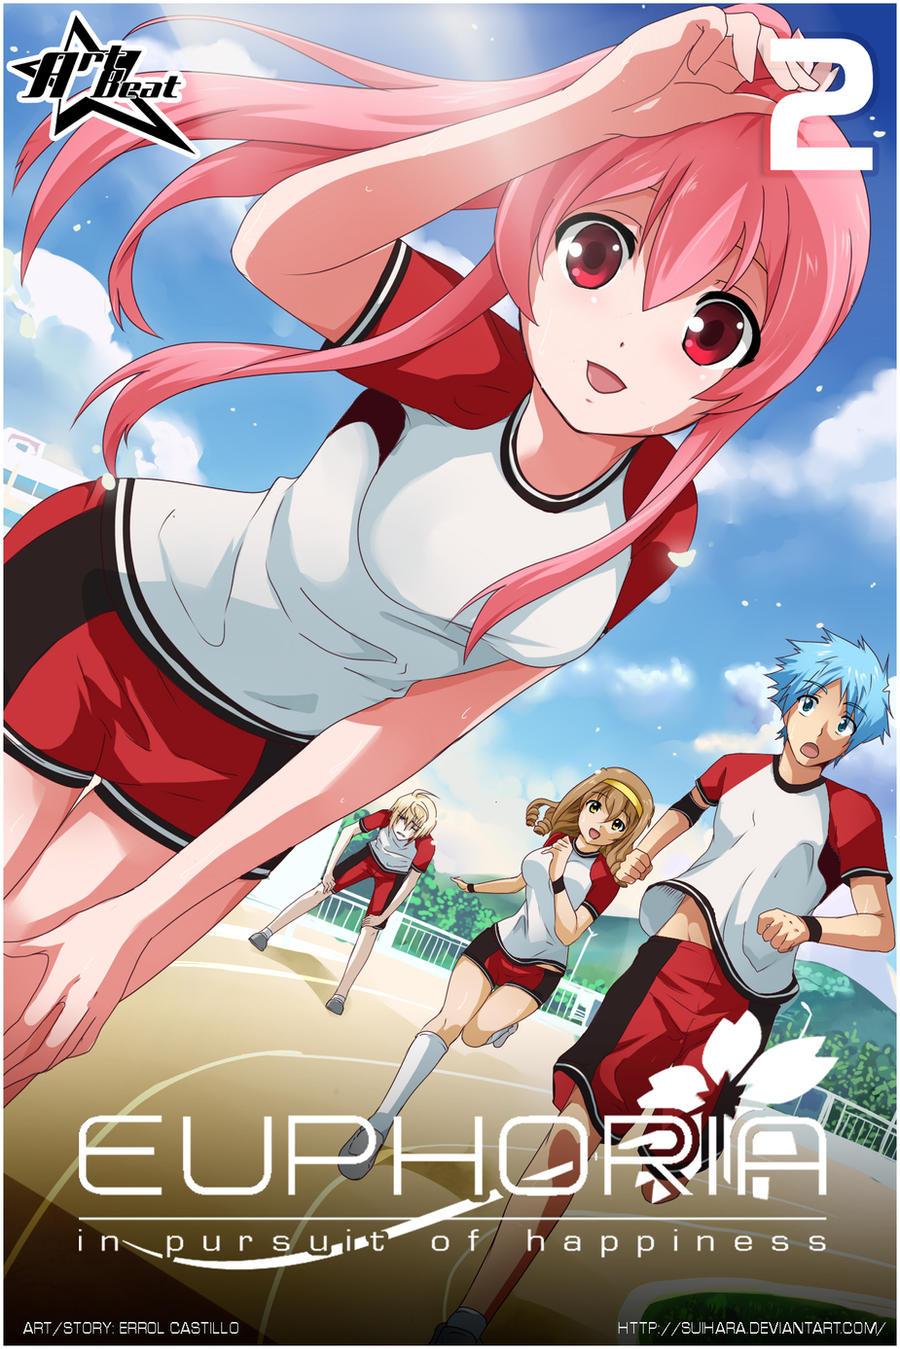 Euphoria Manga Cover 2 by Suihara